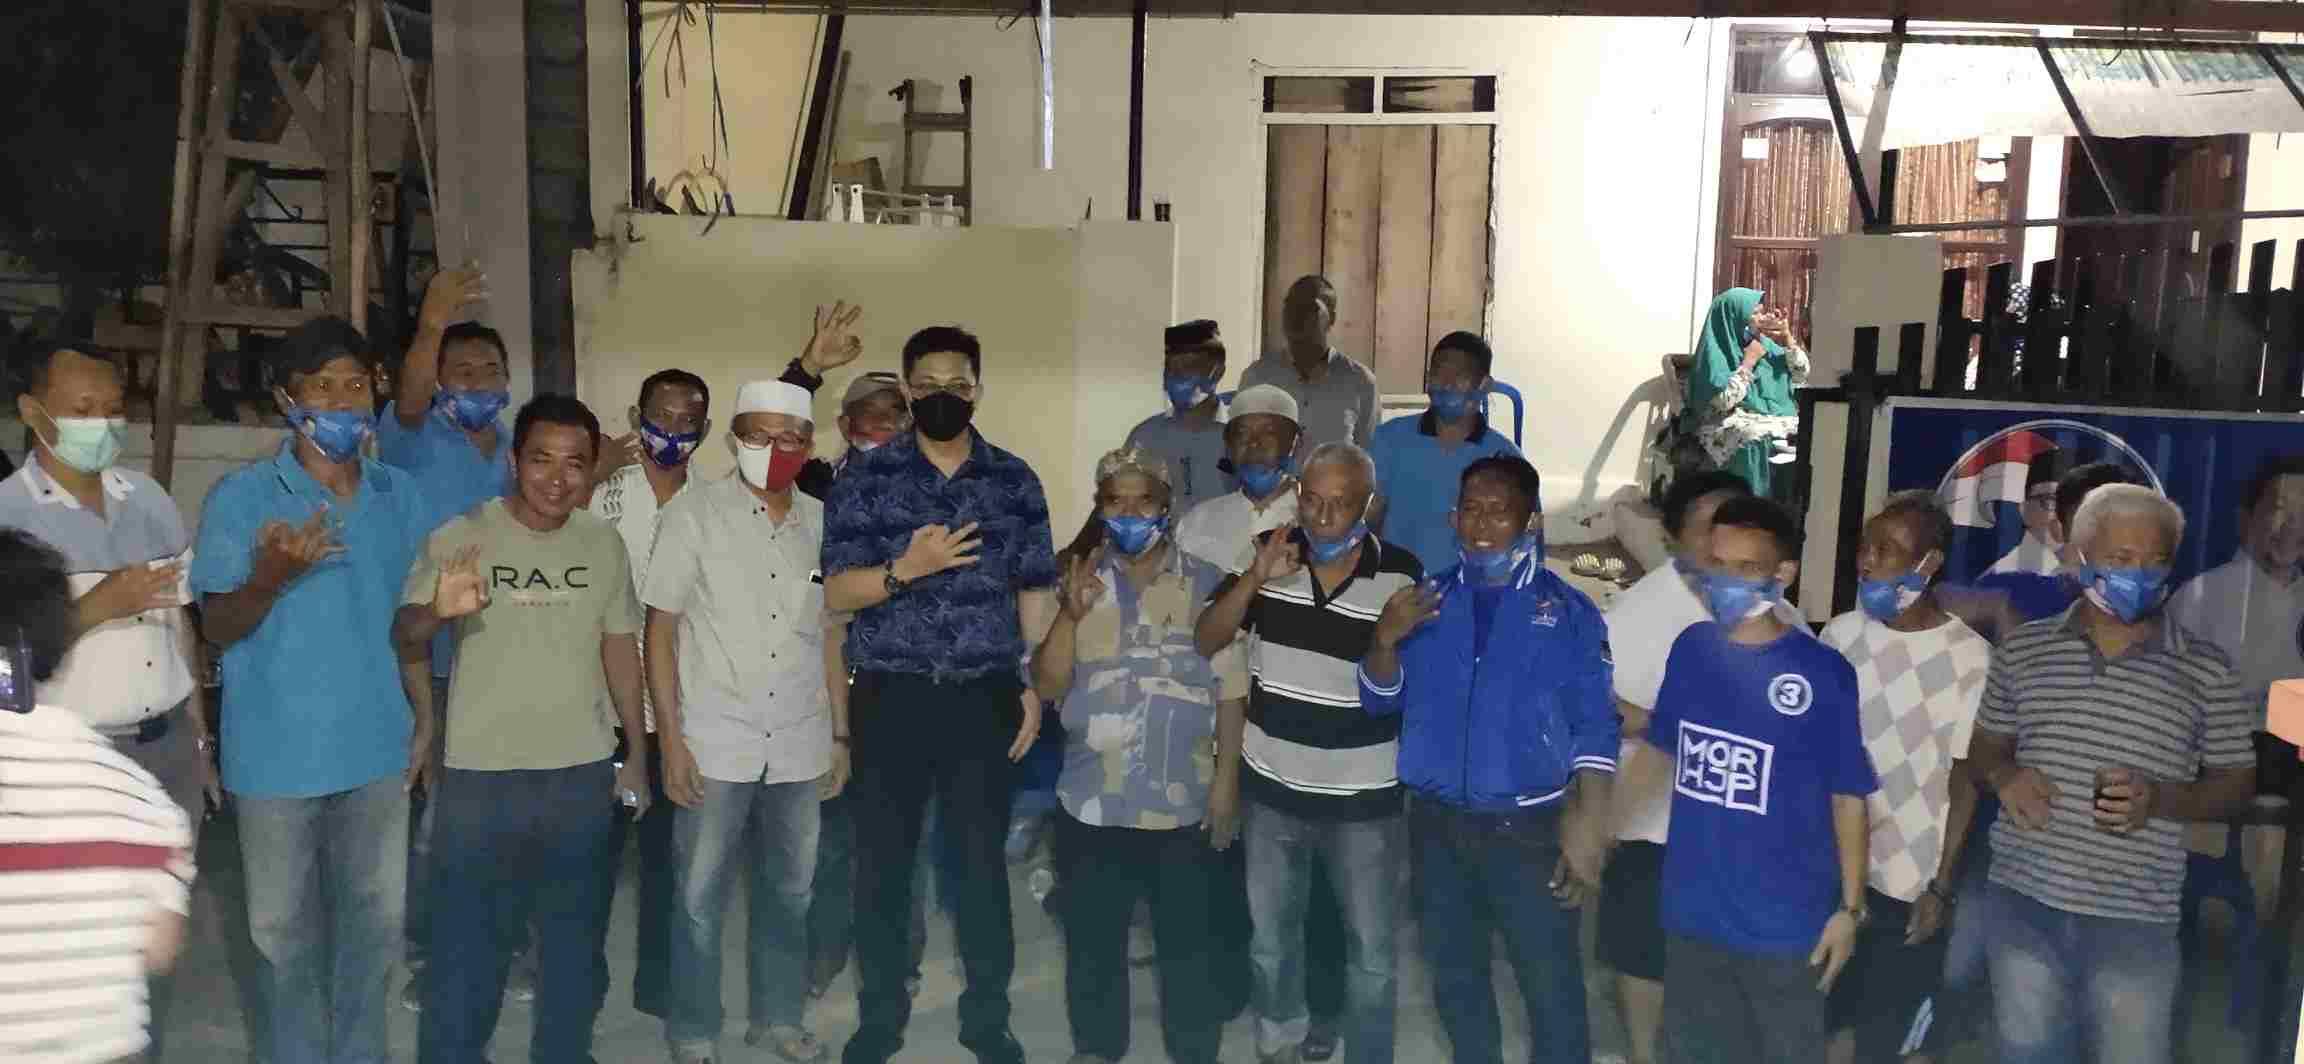 Sambagi Kelurahan Malendeng, HJP: Kami Tidak Akan Biarkan Masyarakat Berjuang Sendirian